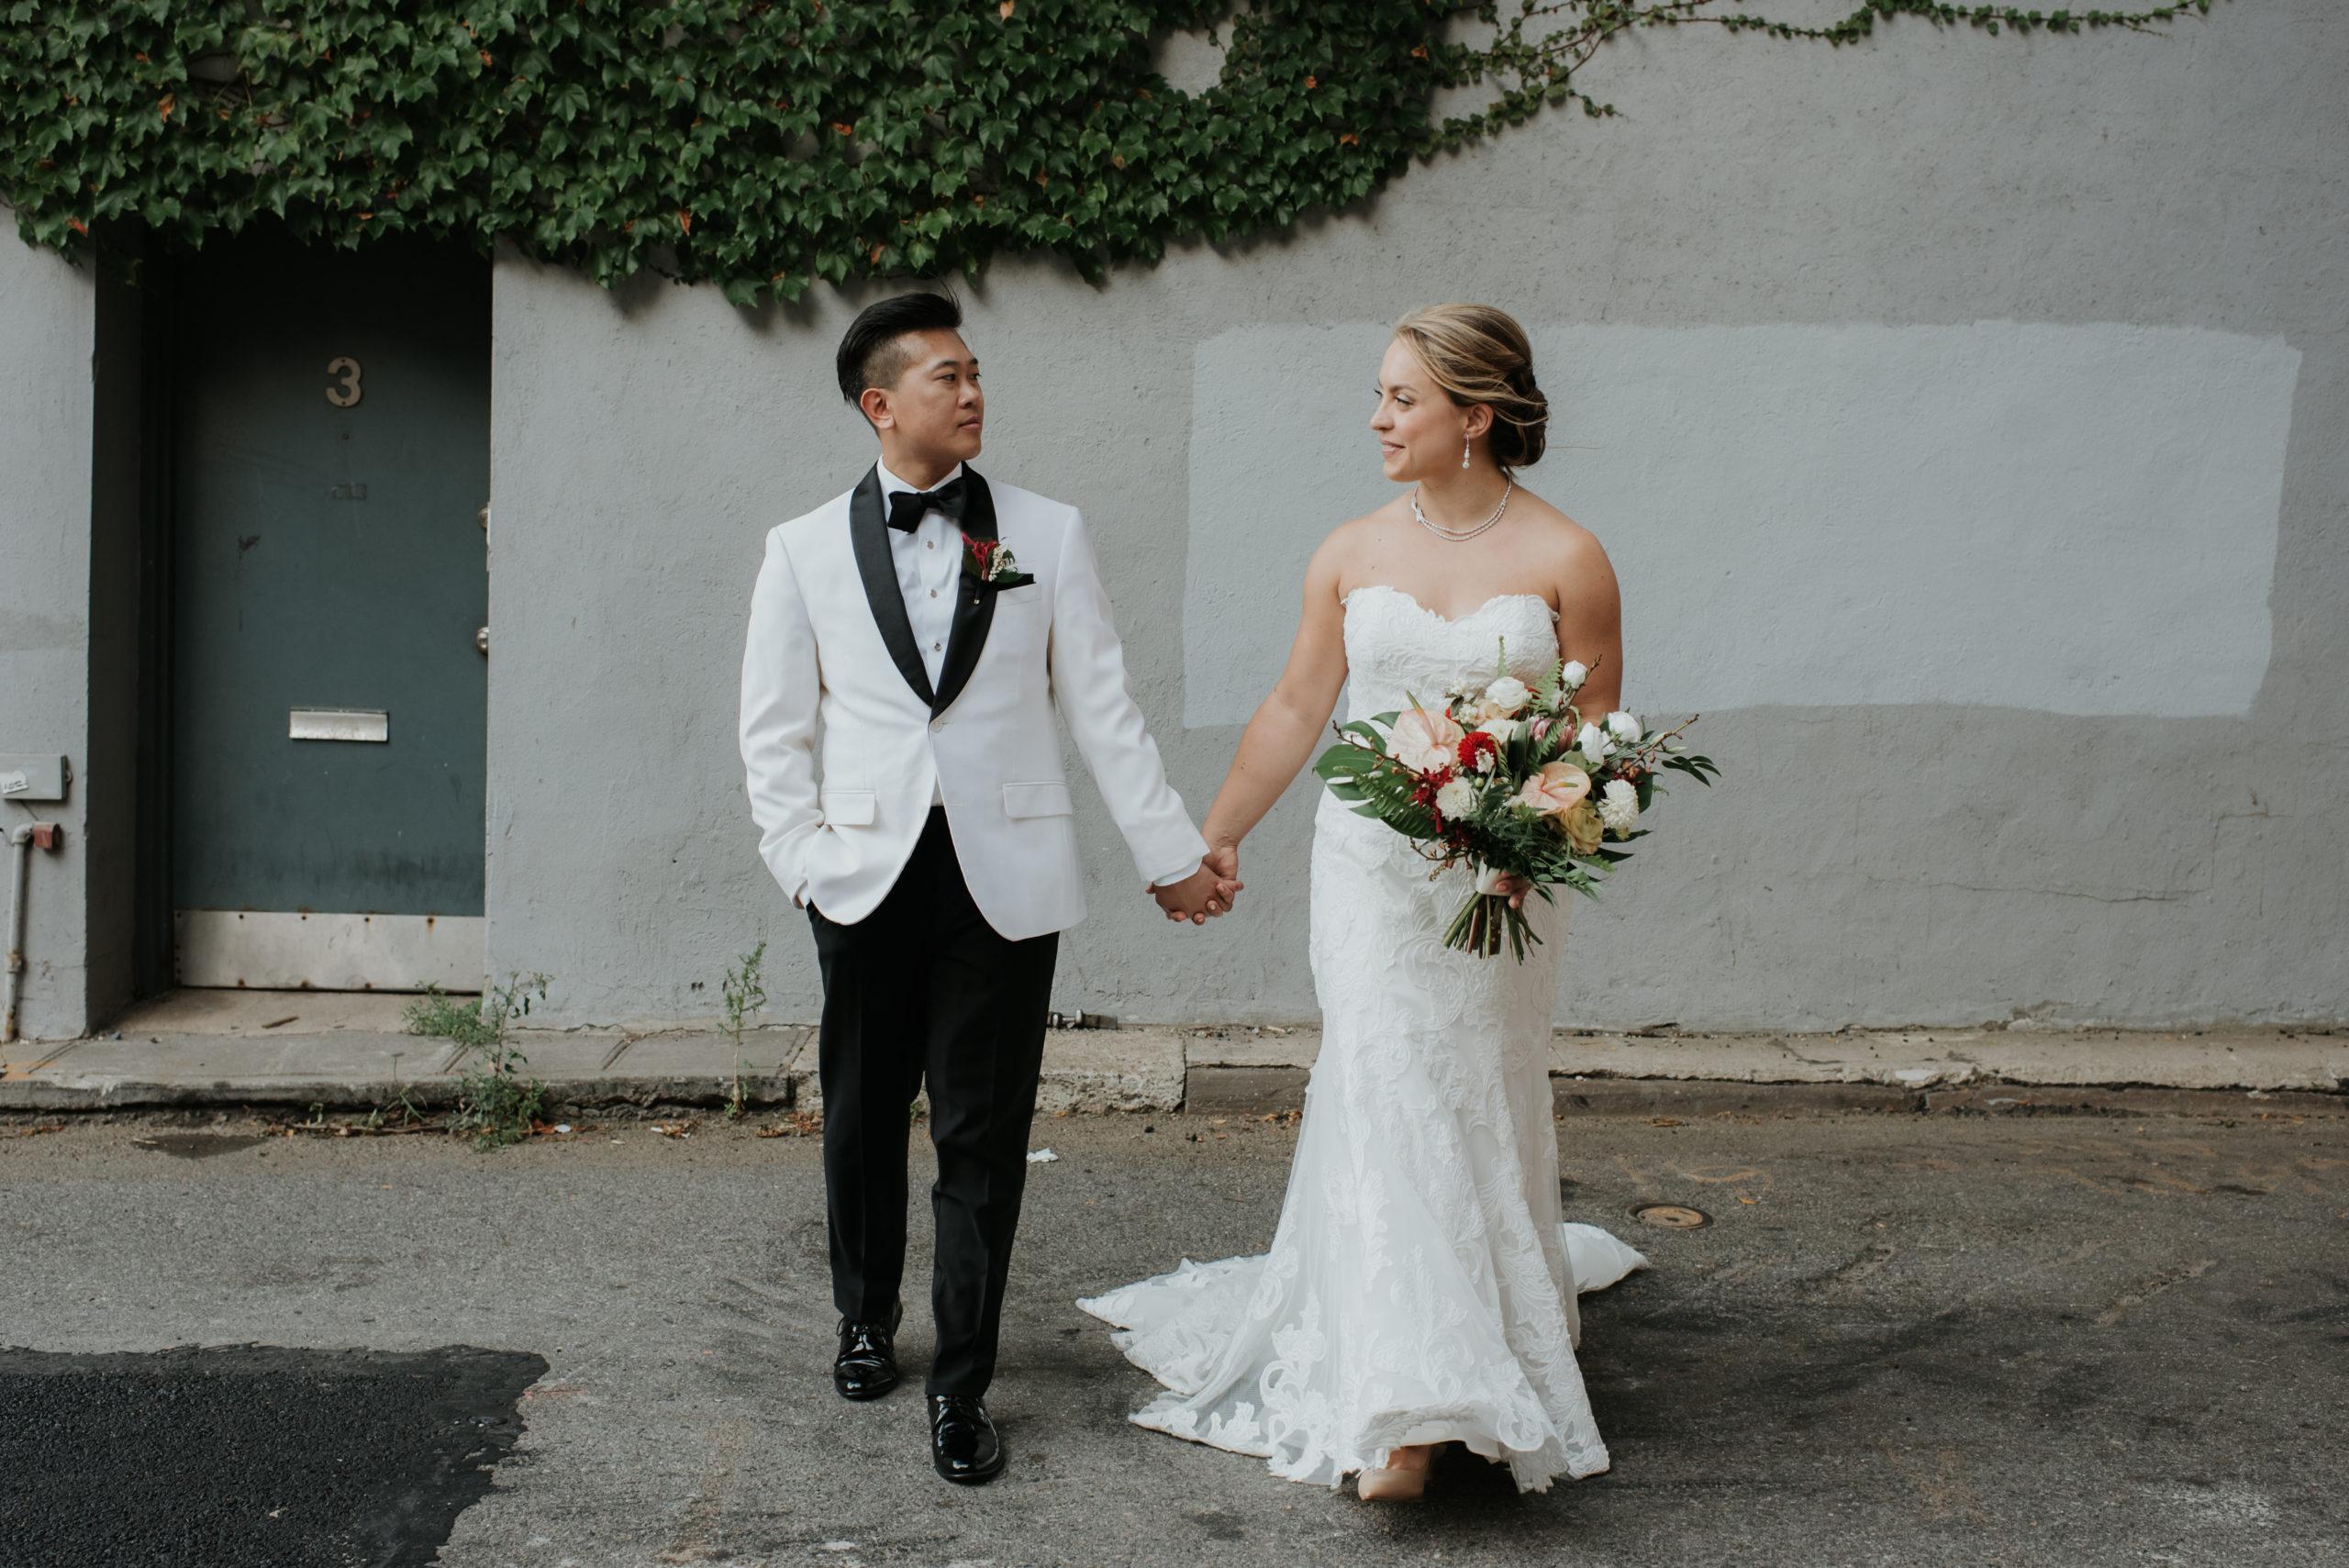 Stylish Tropical-Inspired Wedding in Brooklyn 12